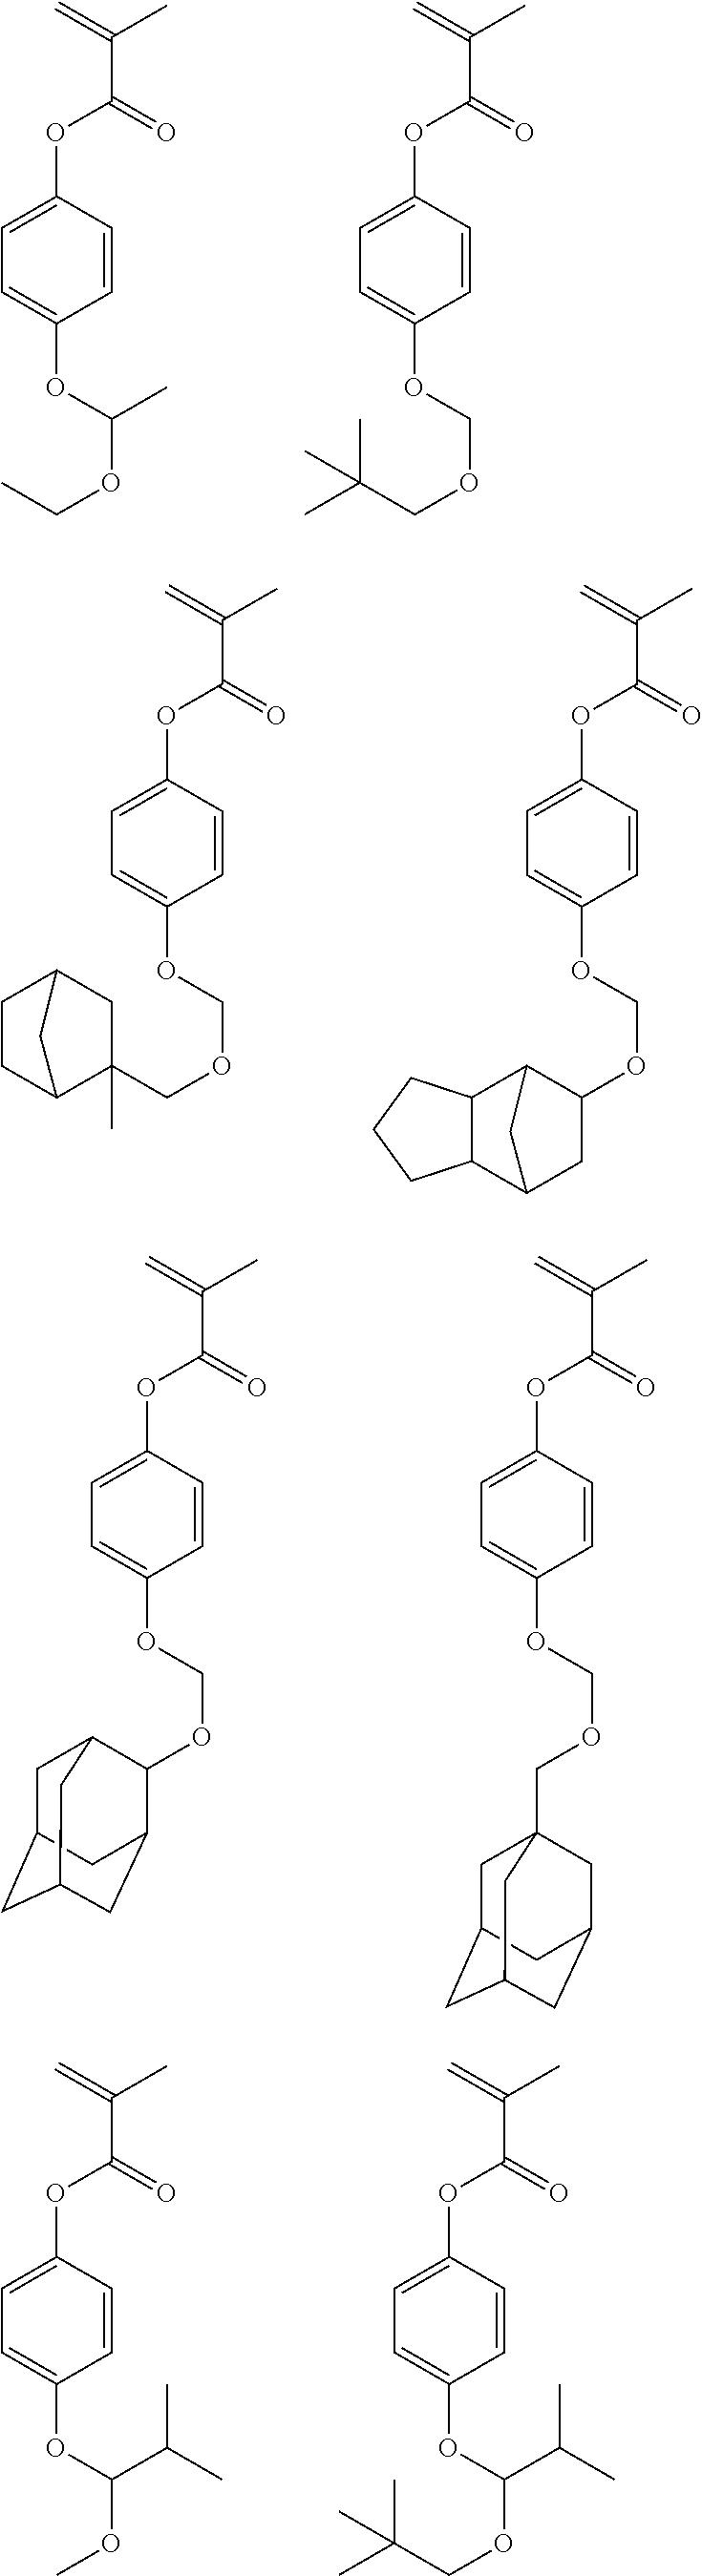 Figure US20110294070A1-20111201-C00012